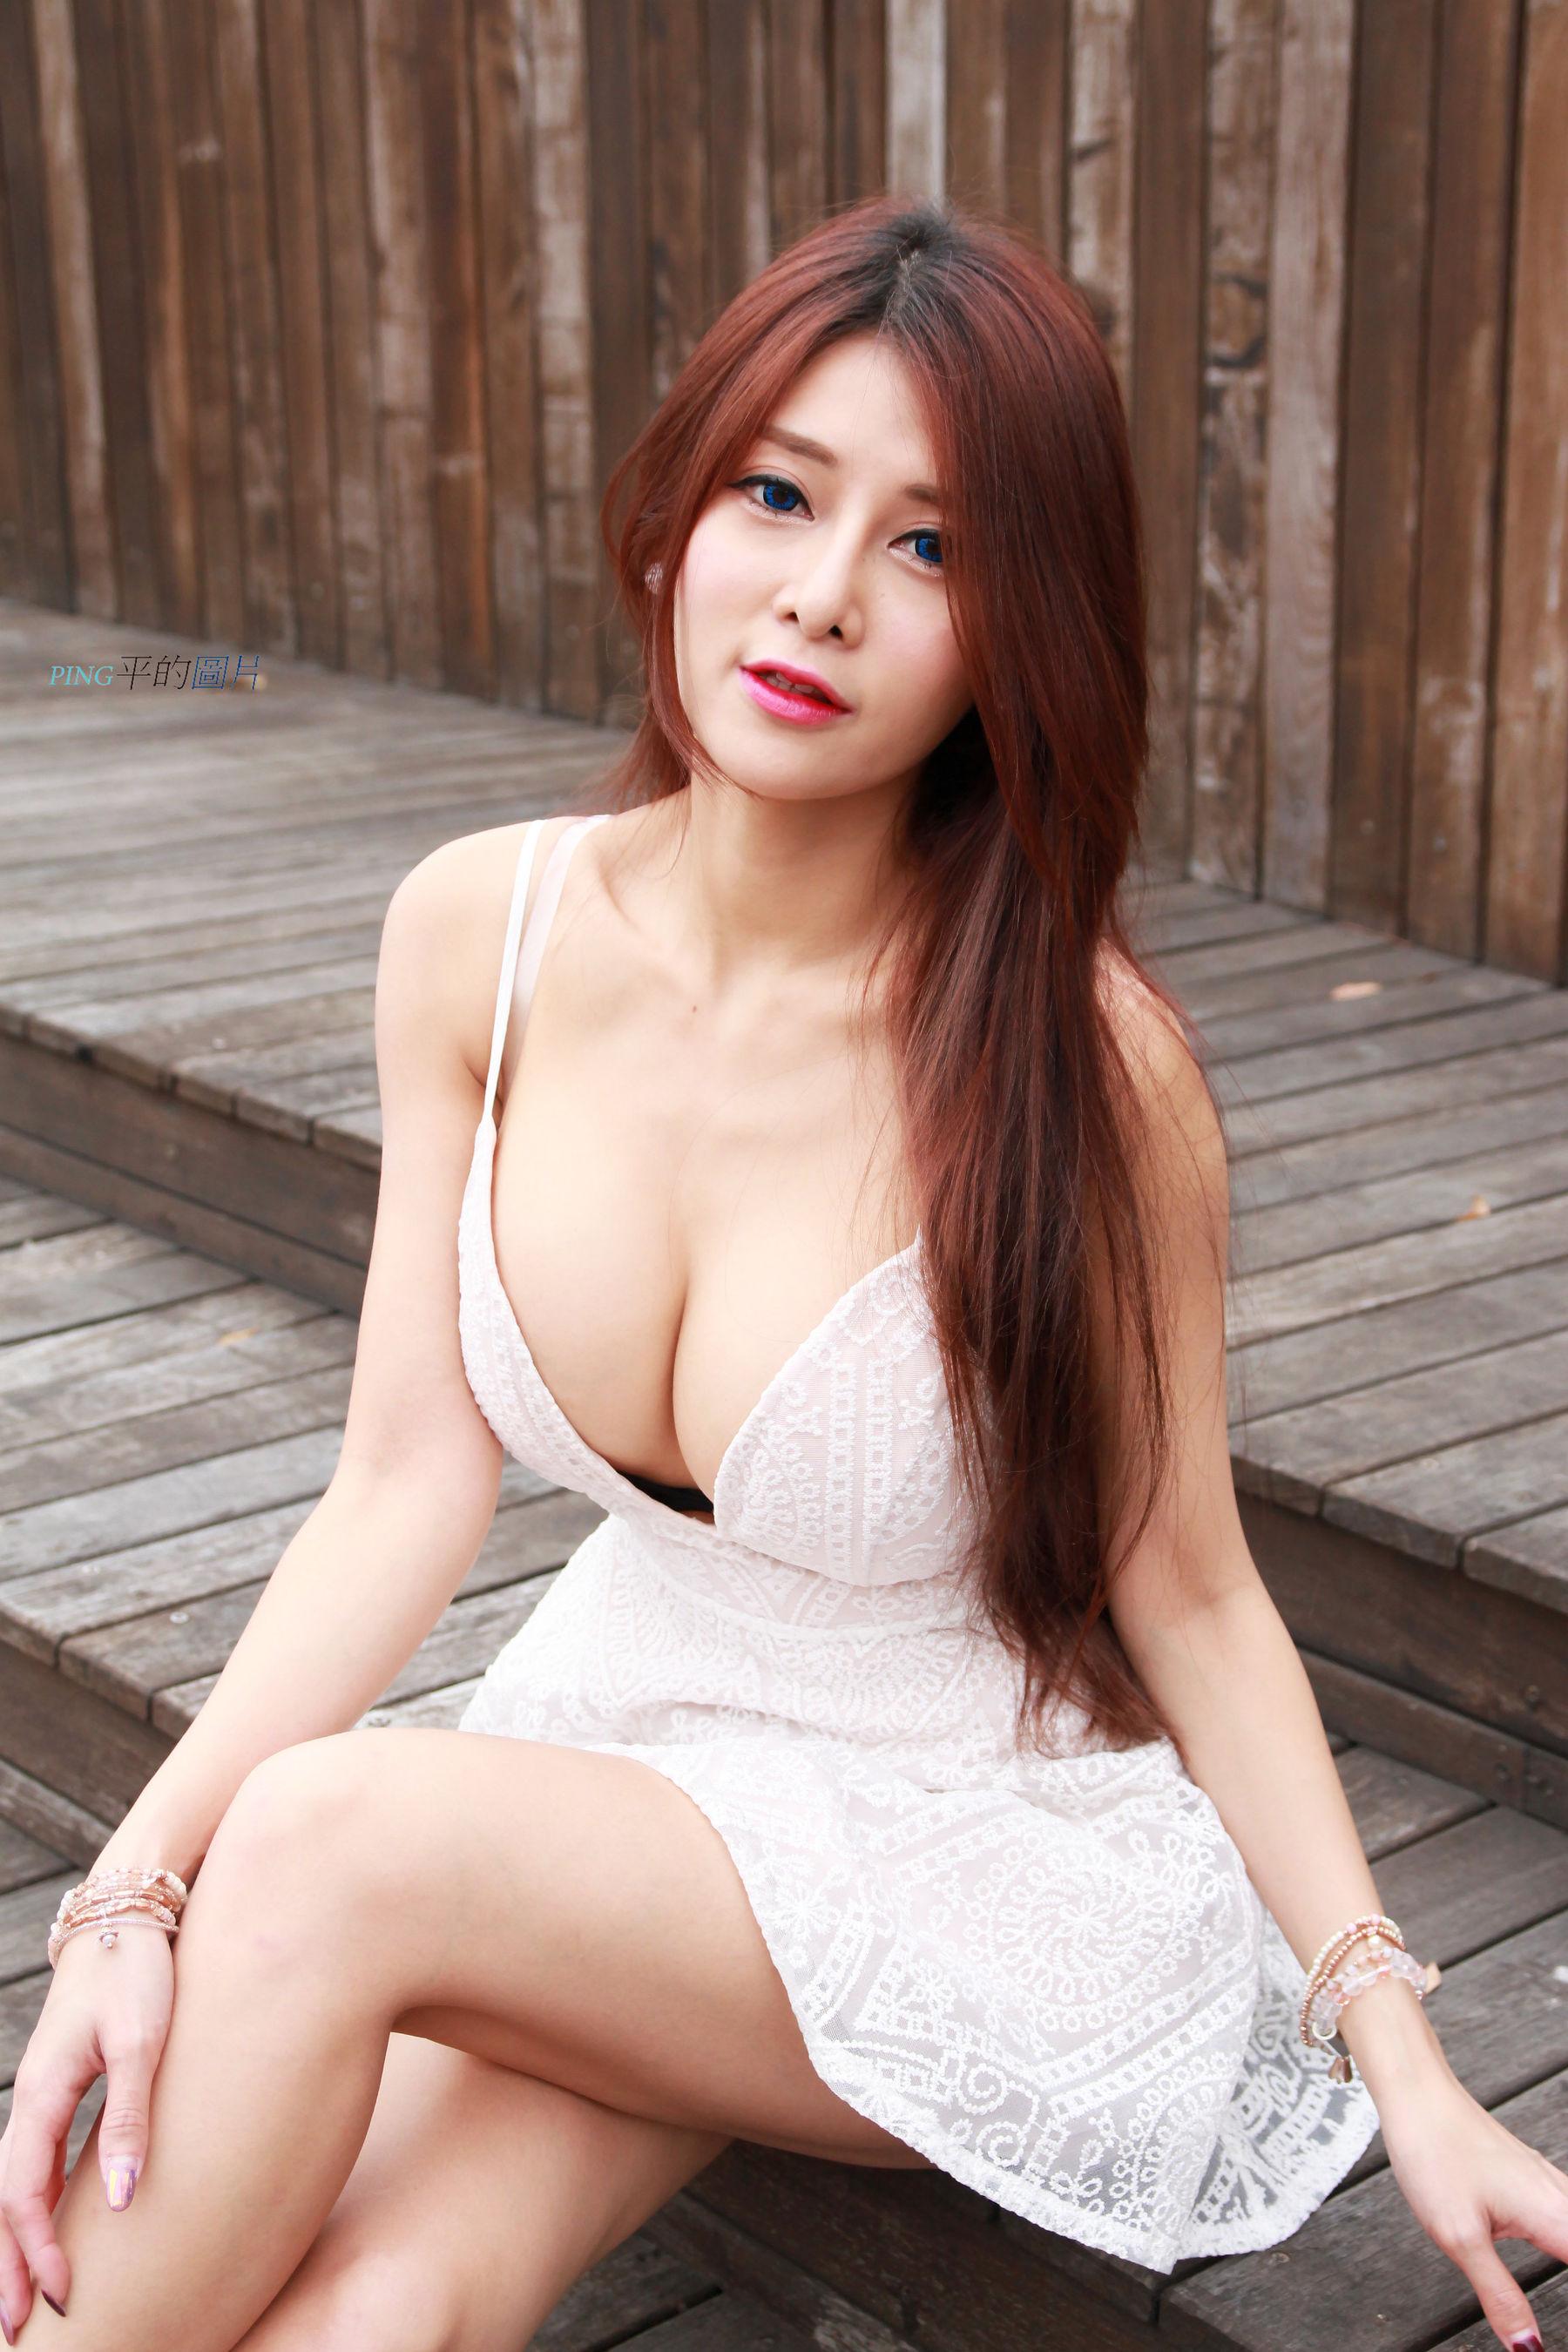 VOL.1134 [台湾正妹]美胸女神巨乳爆乳:安希希超高清个人性感漂亮大图(30P)